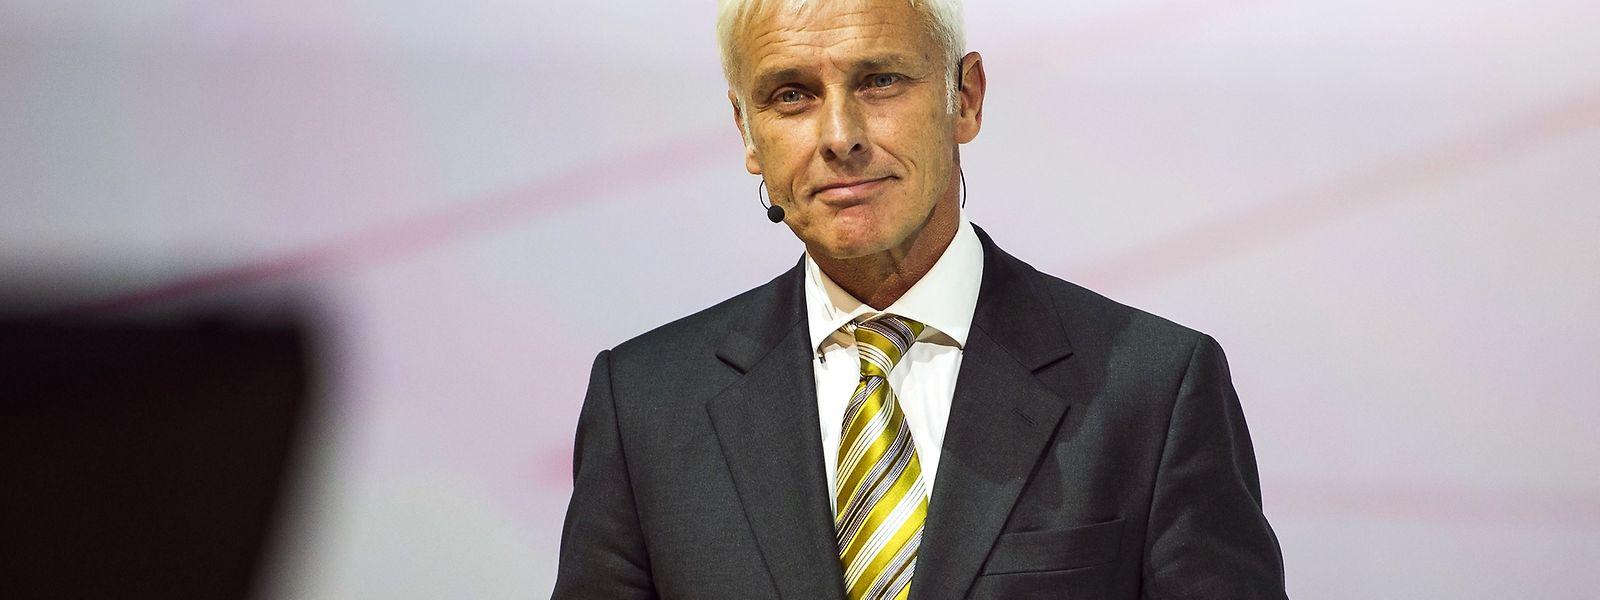 Der 62-jährige Müller leitet künftig den weltgrößten Autobauer.